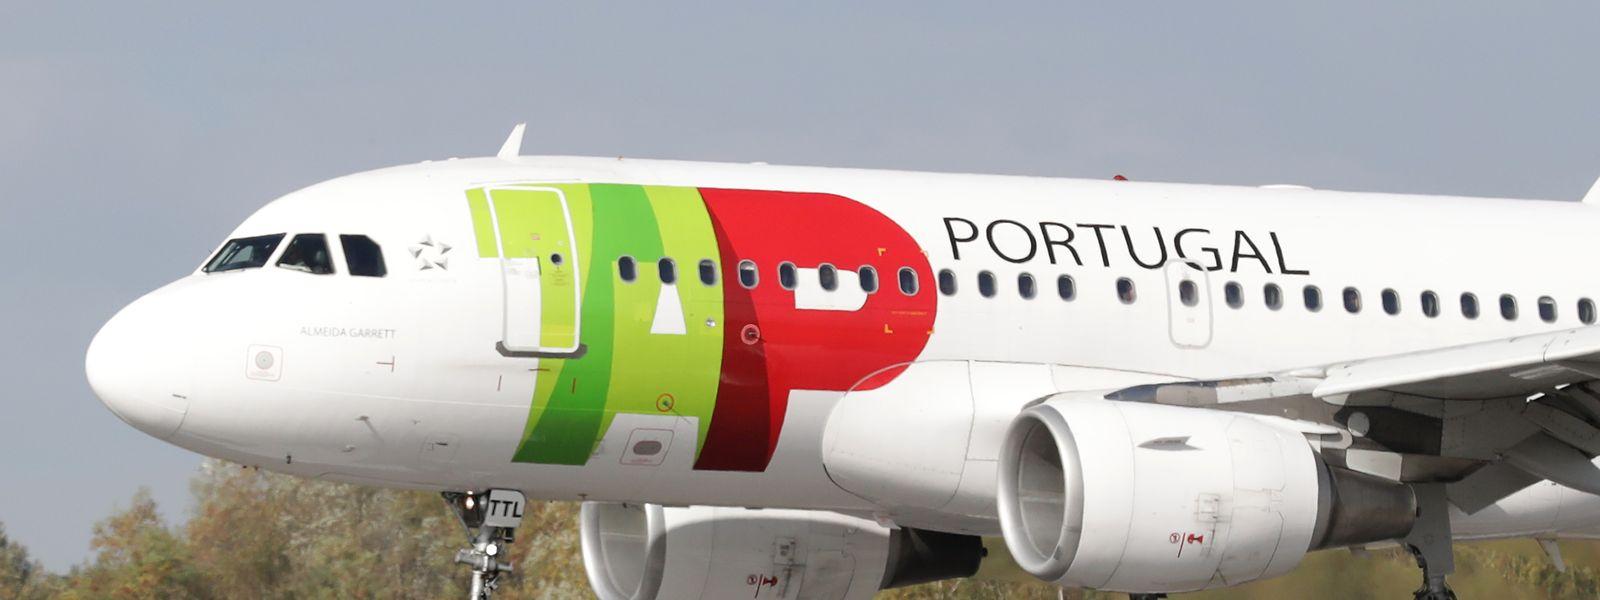 L'homme d'affaires américano-brésilien David Neeleman semble bien décidé à vendre sa participation de 45% dans TAP Air Portugal selon Jornal de Negocios.